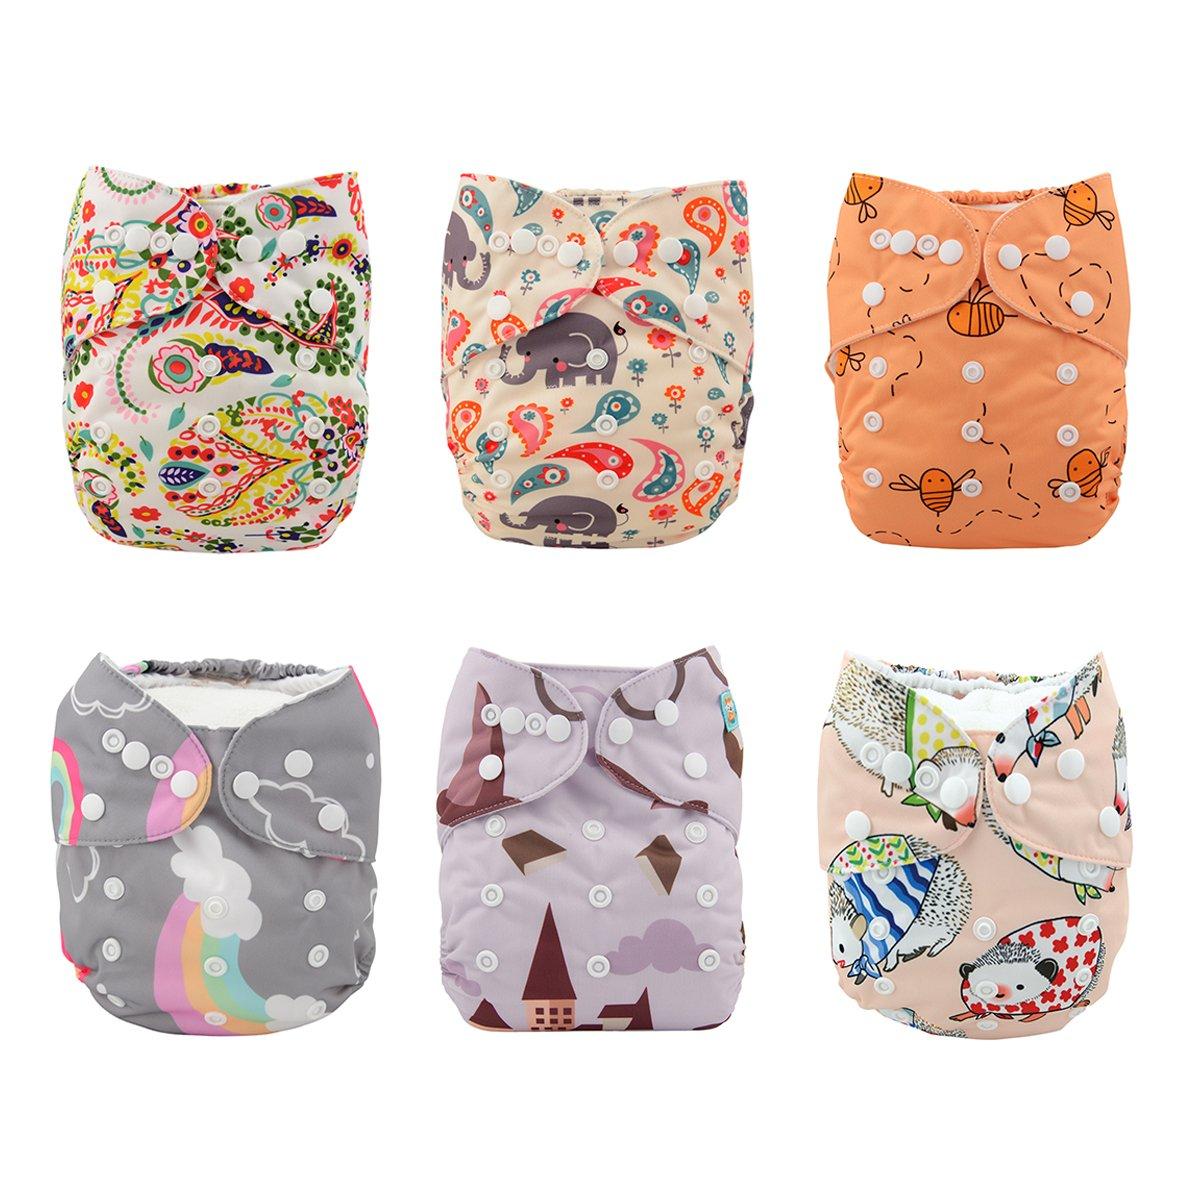 Bebé de tabla para diseño de juego de pajas DE se puede lavar a juego de bolsillos de almacenaje de tela impermeable y 6 piezas + bolsa de pañales de ...